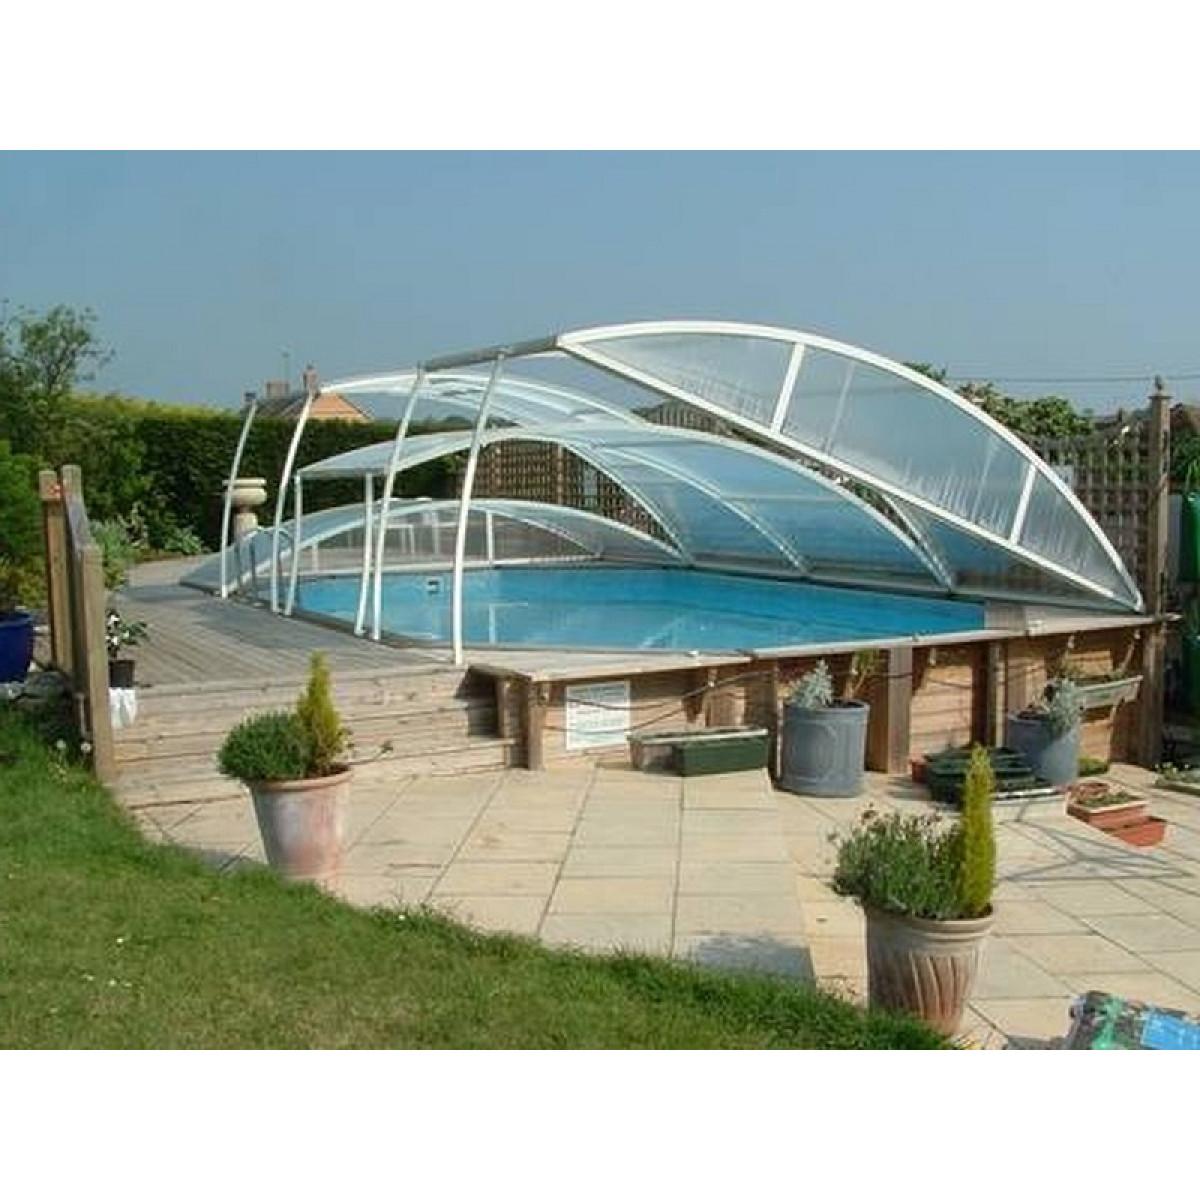 Арочный навес над бассейном многоуровневый